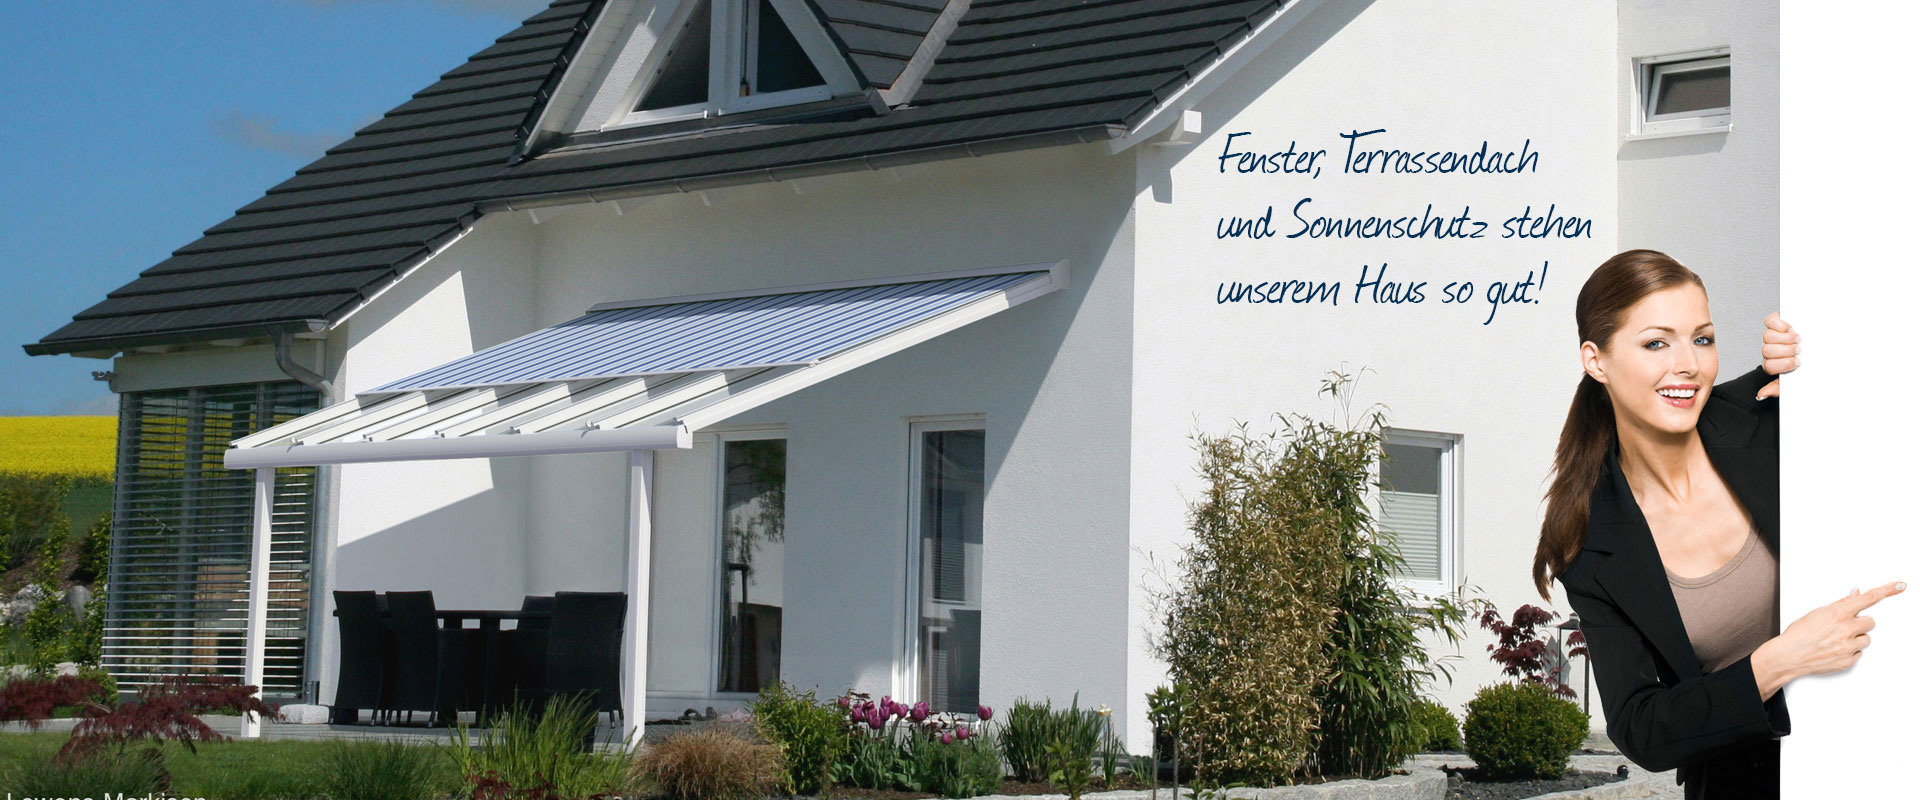 Terrassendach und Sonnenschutz